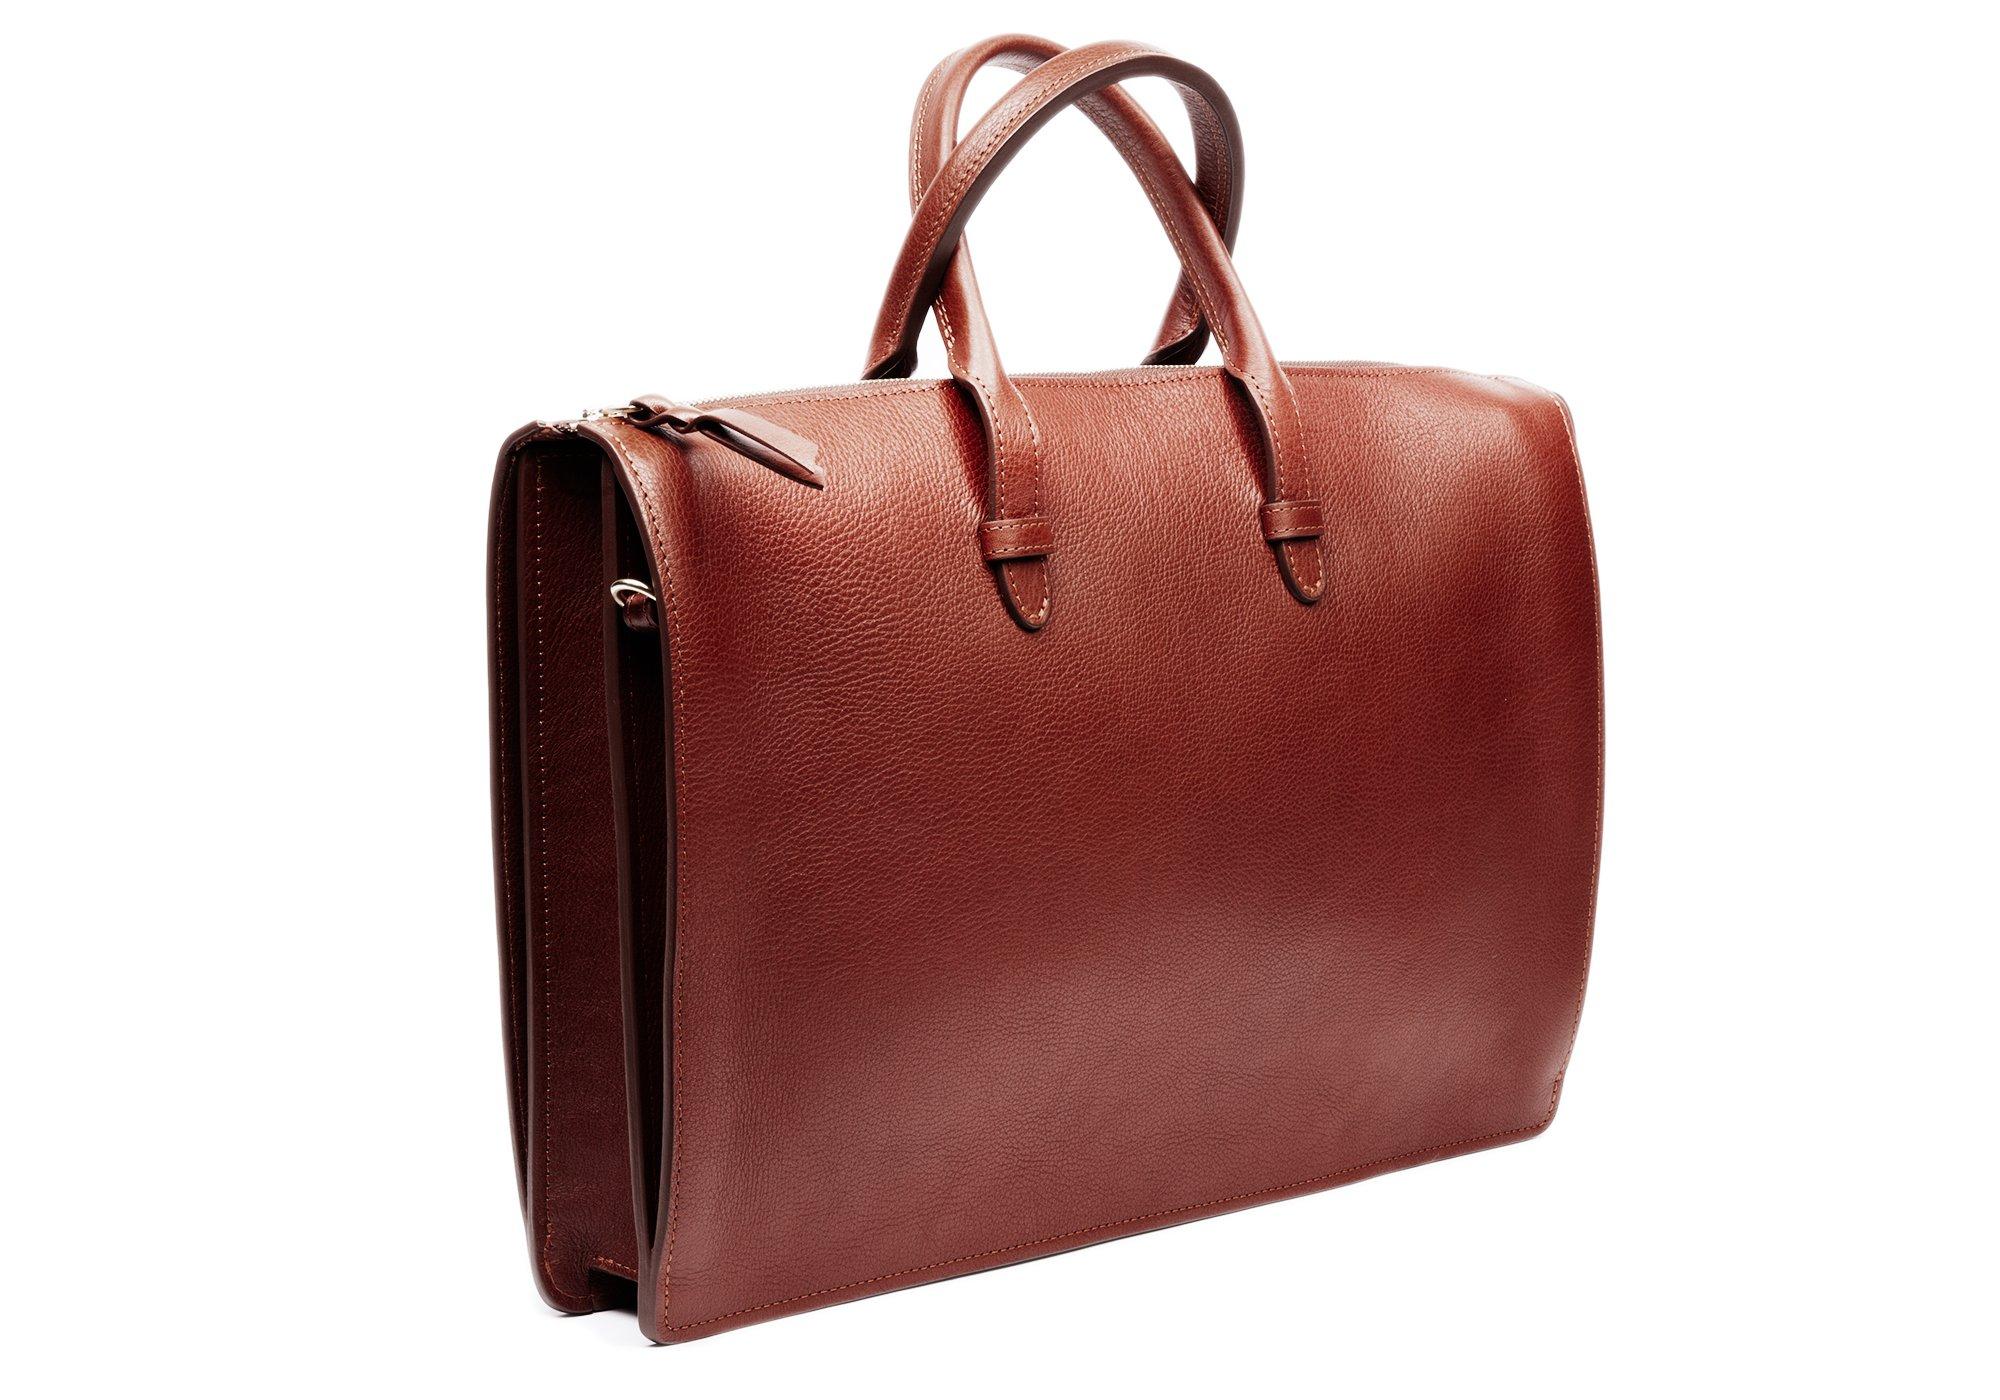 Lotuff_Leather_Triumph_Briefcase_Chestnut_3_2000x.progressive